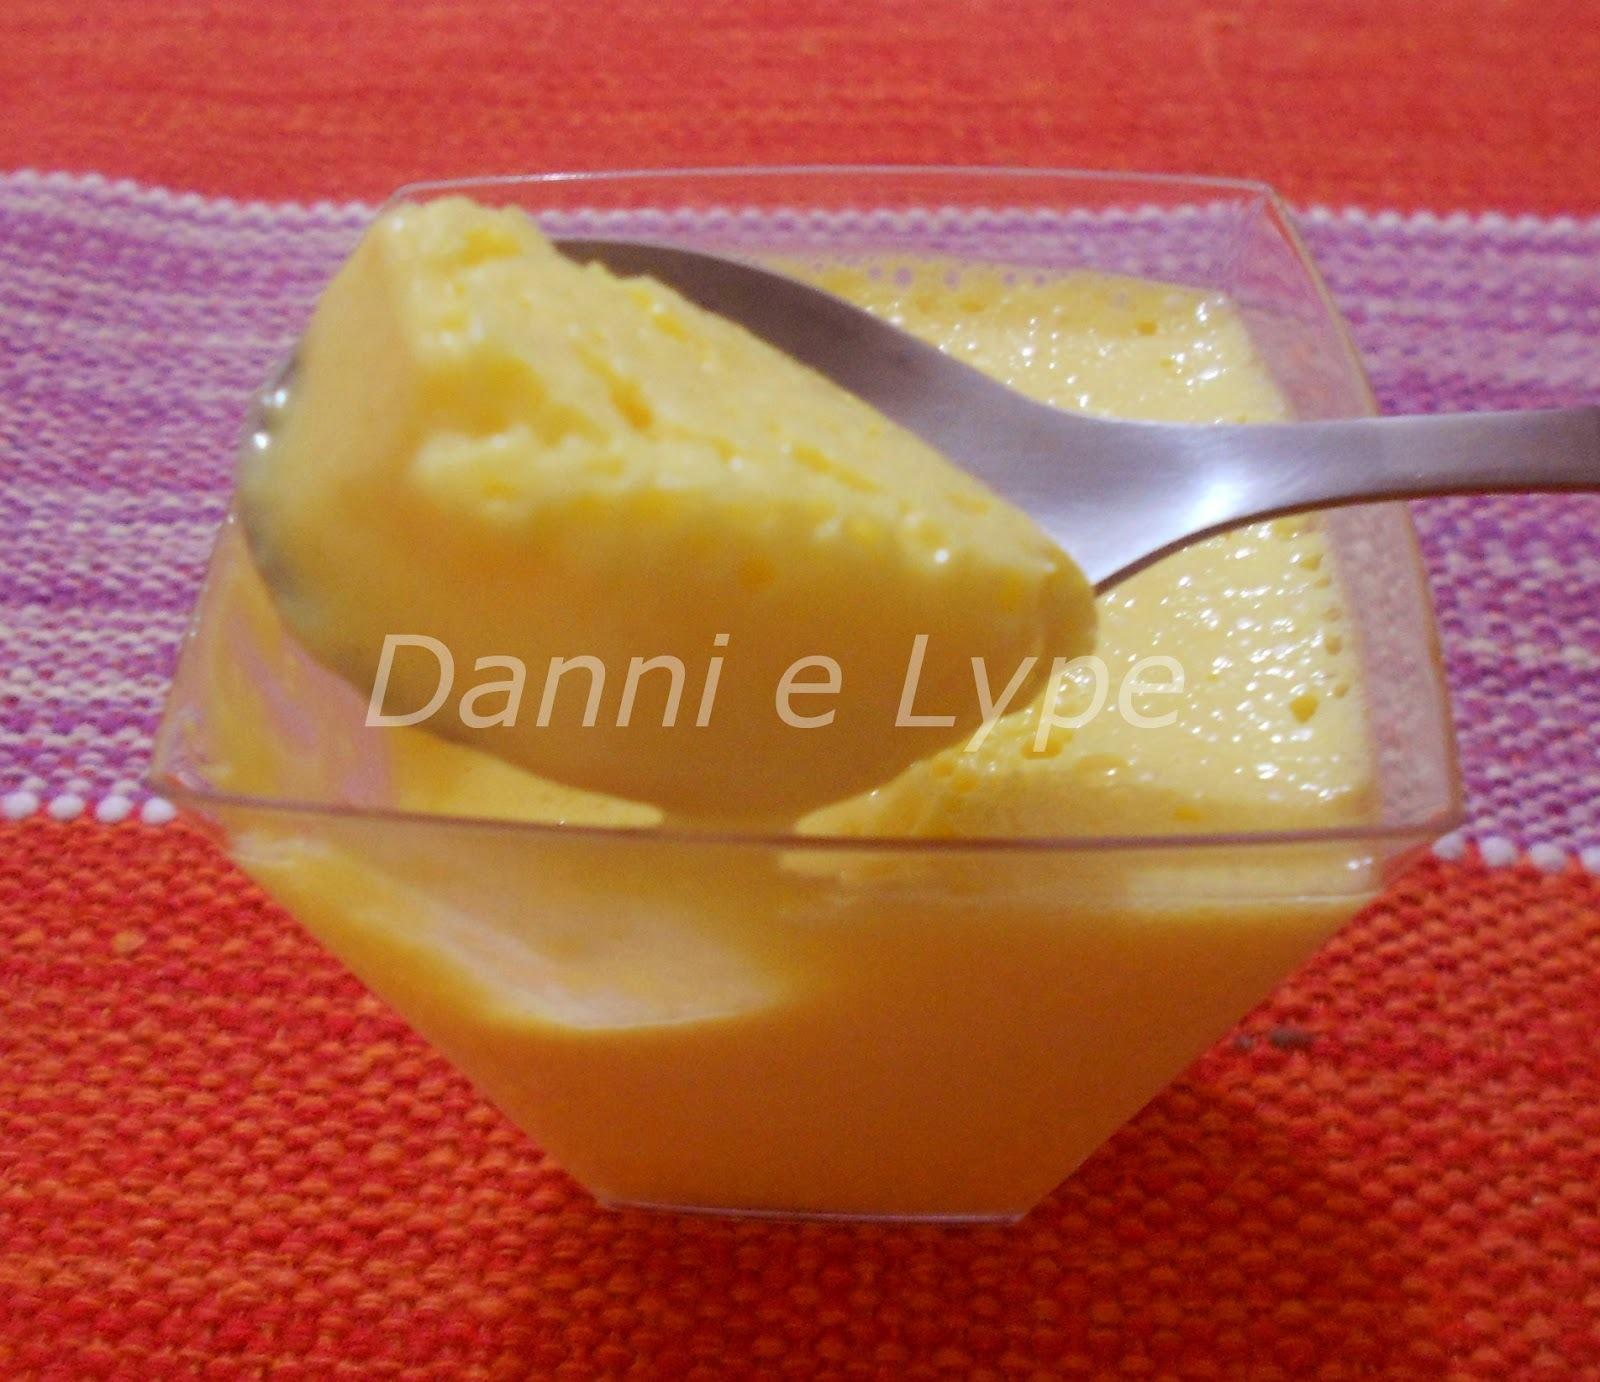 mousse de maracuja com a fruta do maracuja sem gelatina